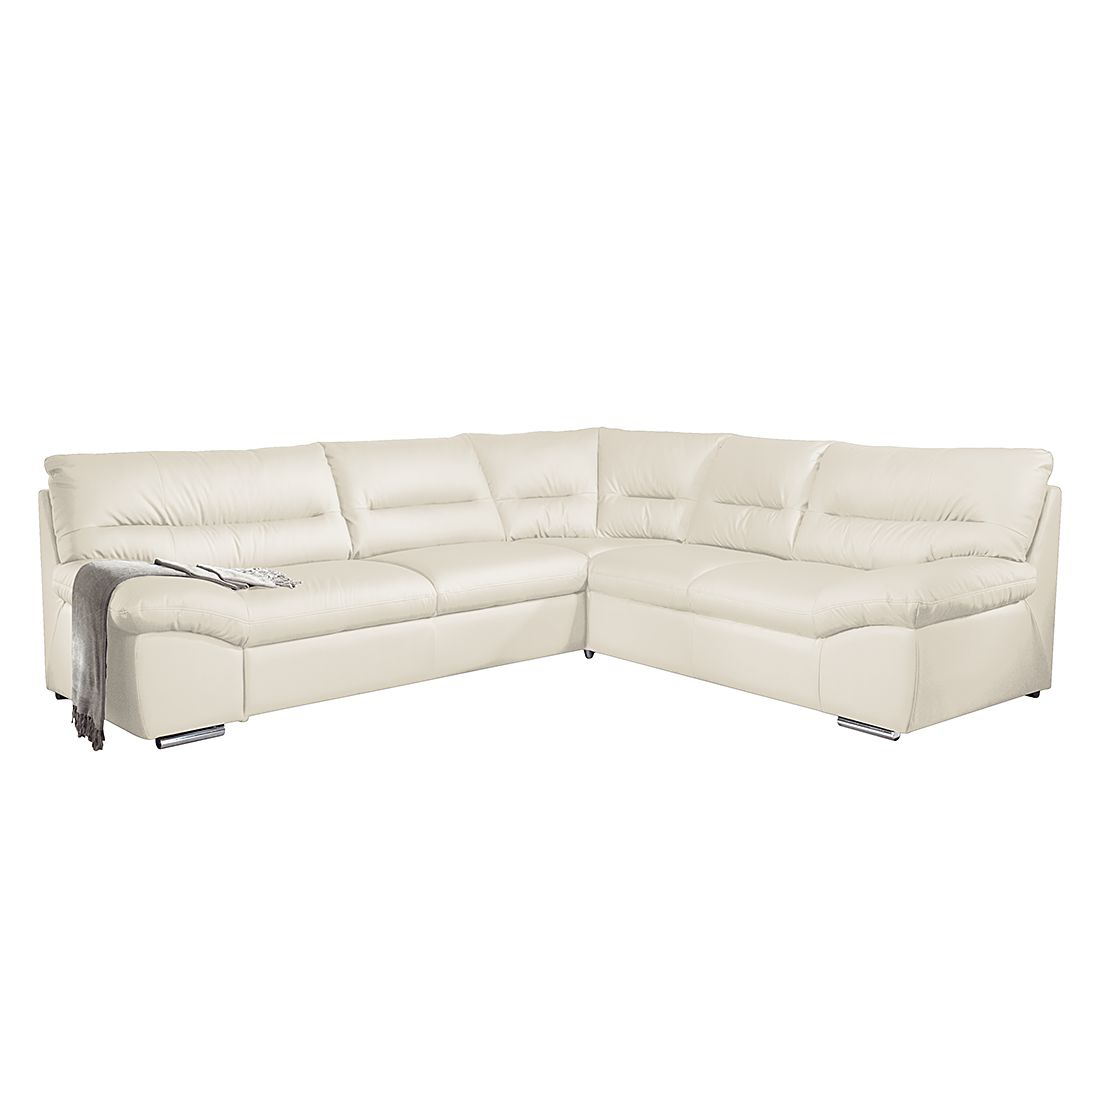 r ckenlehne f r bett preisvergleiche erfahrungsberichte und kauf bei nextag. Black Bedroom Furniture Sets. Home Design Ideas